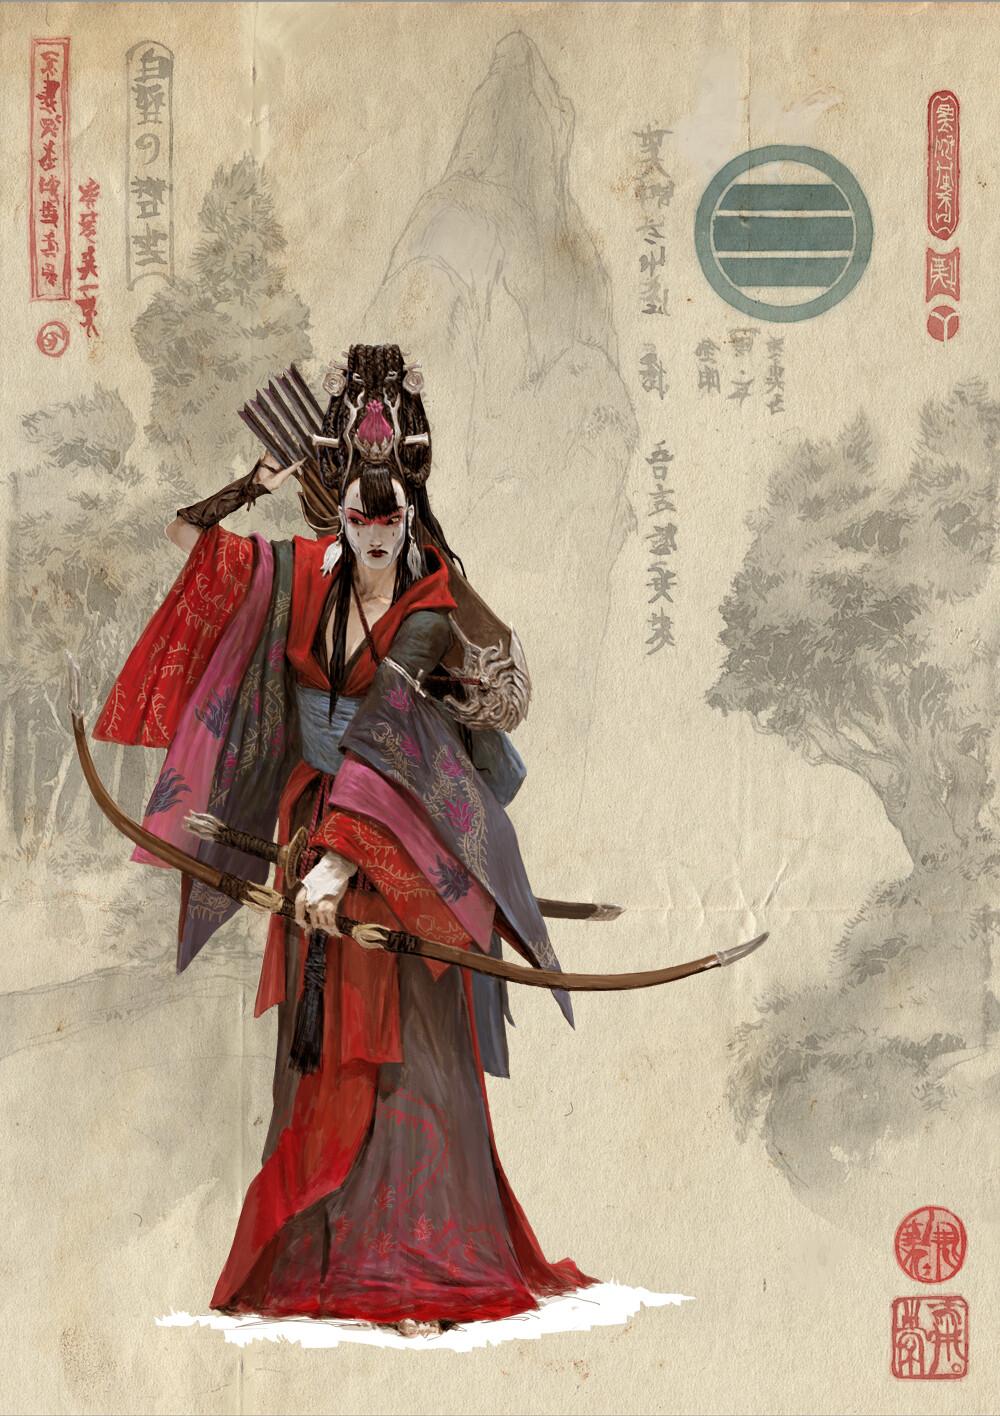 Adrian smith monk clan 5